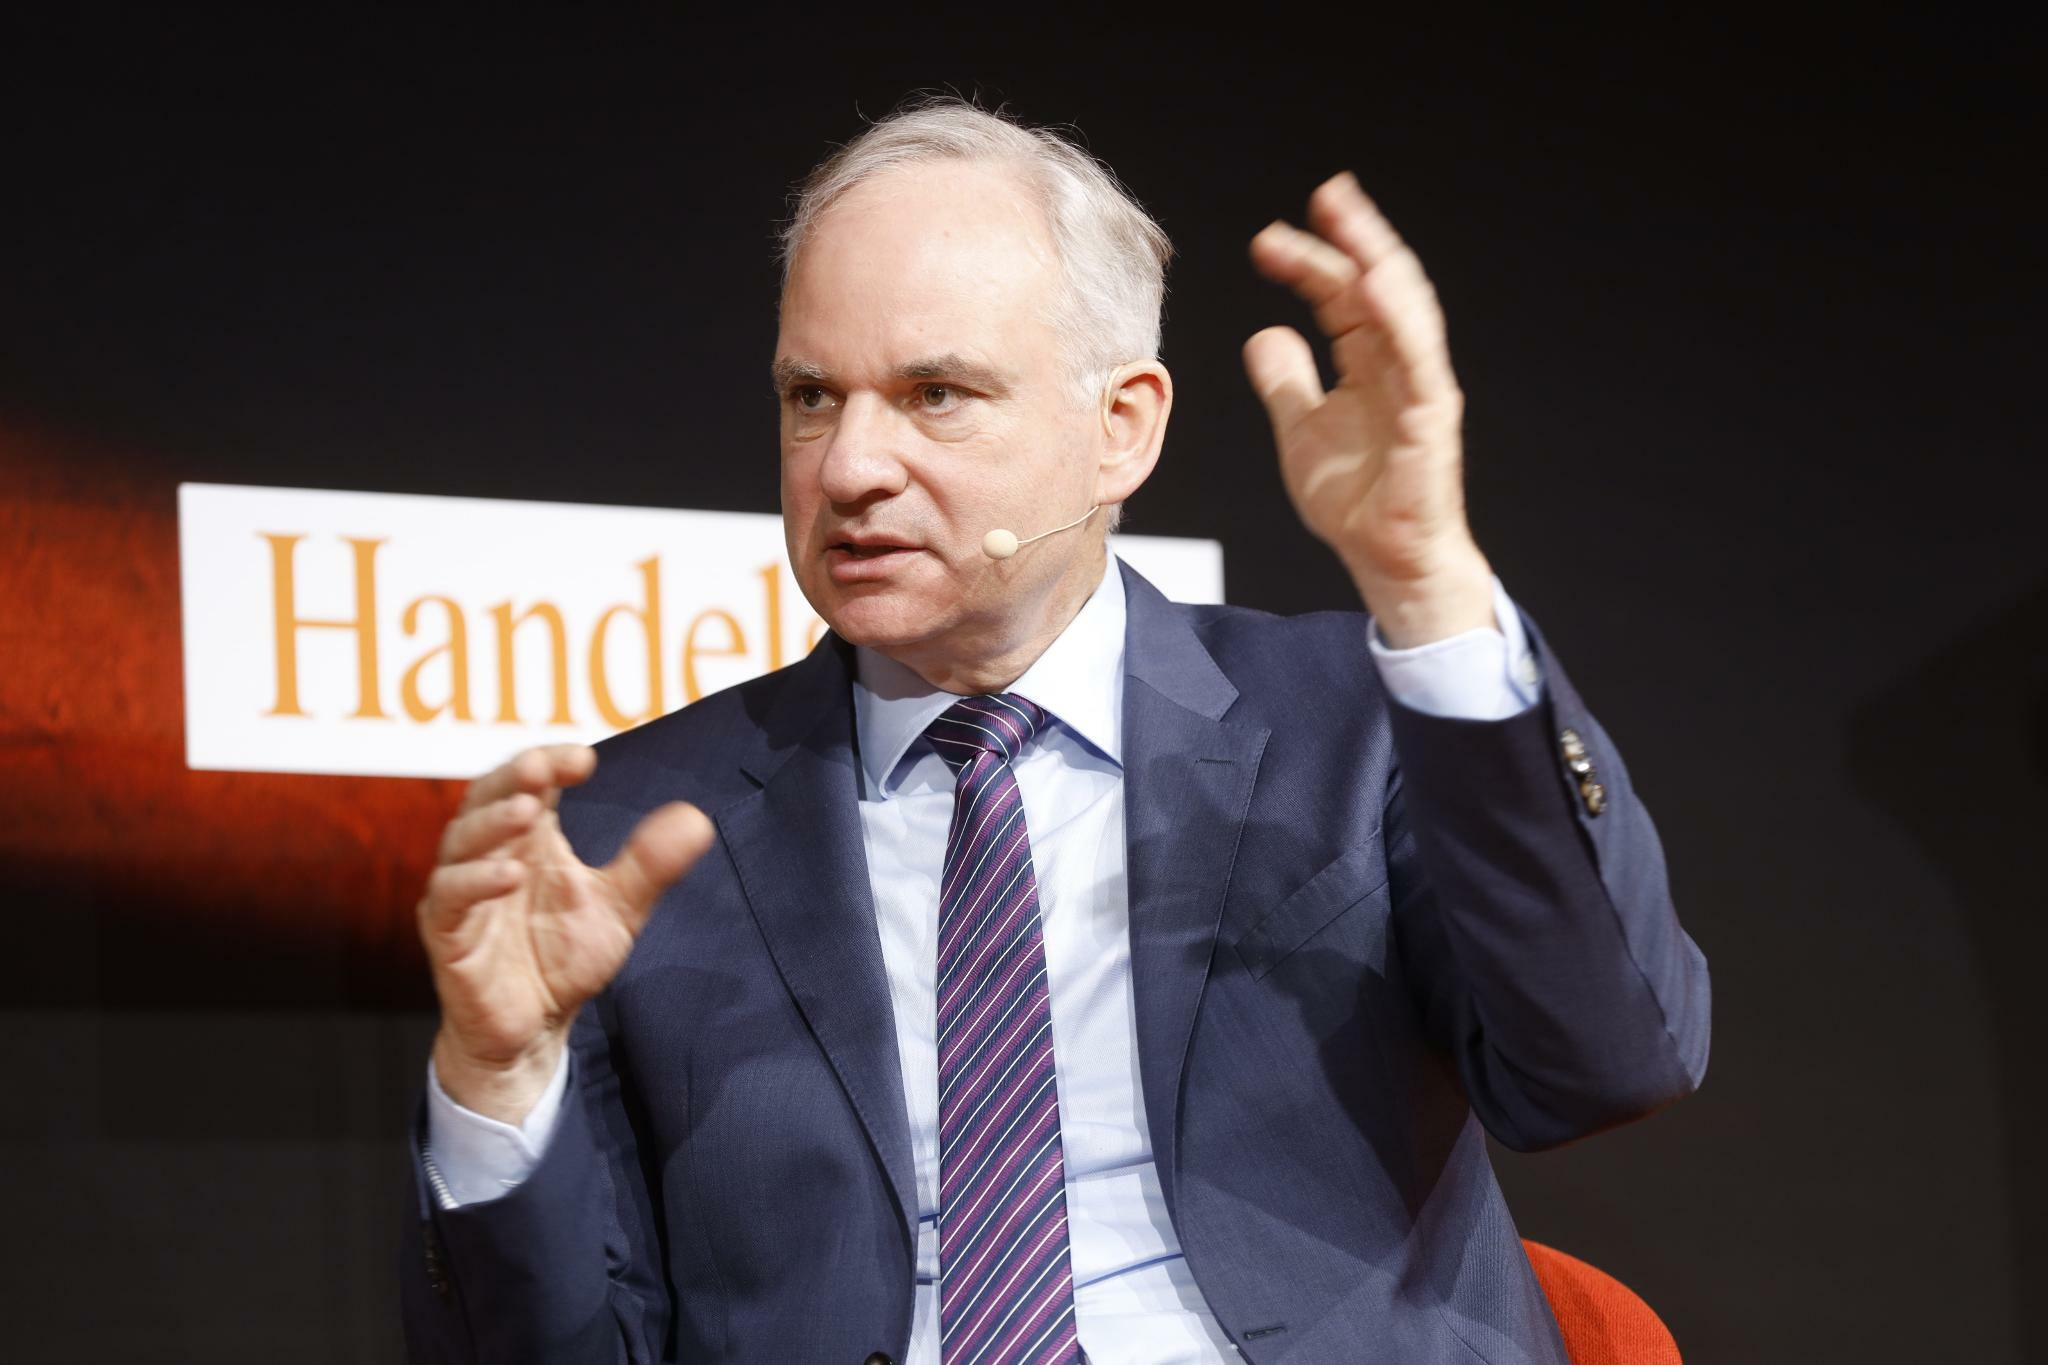 Eon-Chef Teyssen fordert radikale Entlastung bei den Strompreisen